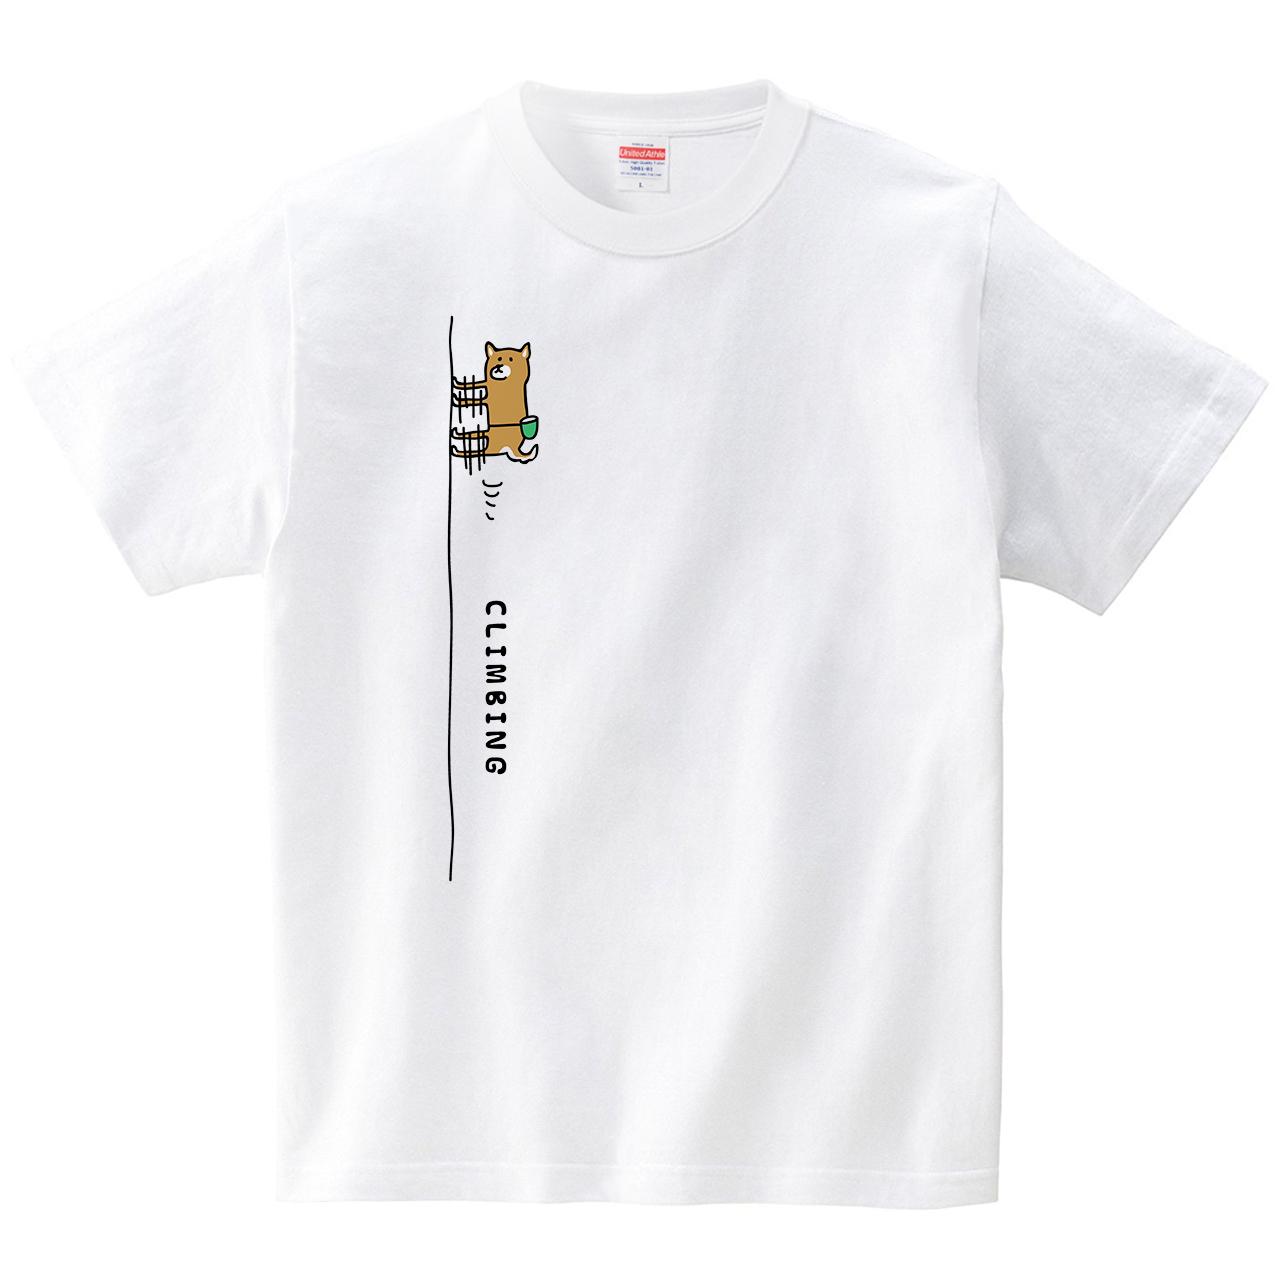 柴犬クライミング(Tシャツ・ホワイト)(オワリ)